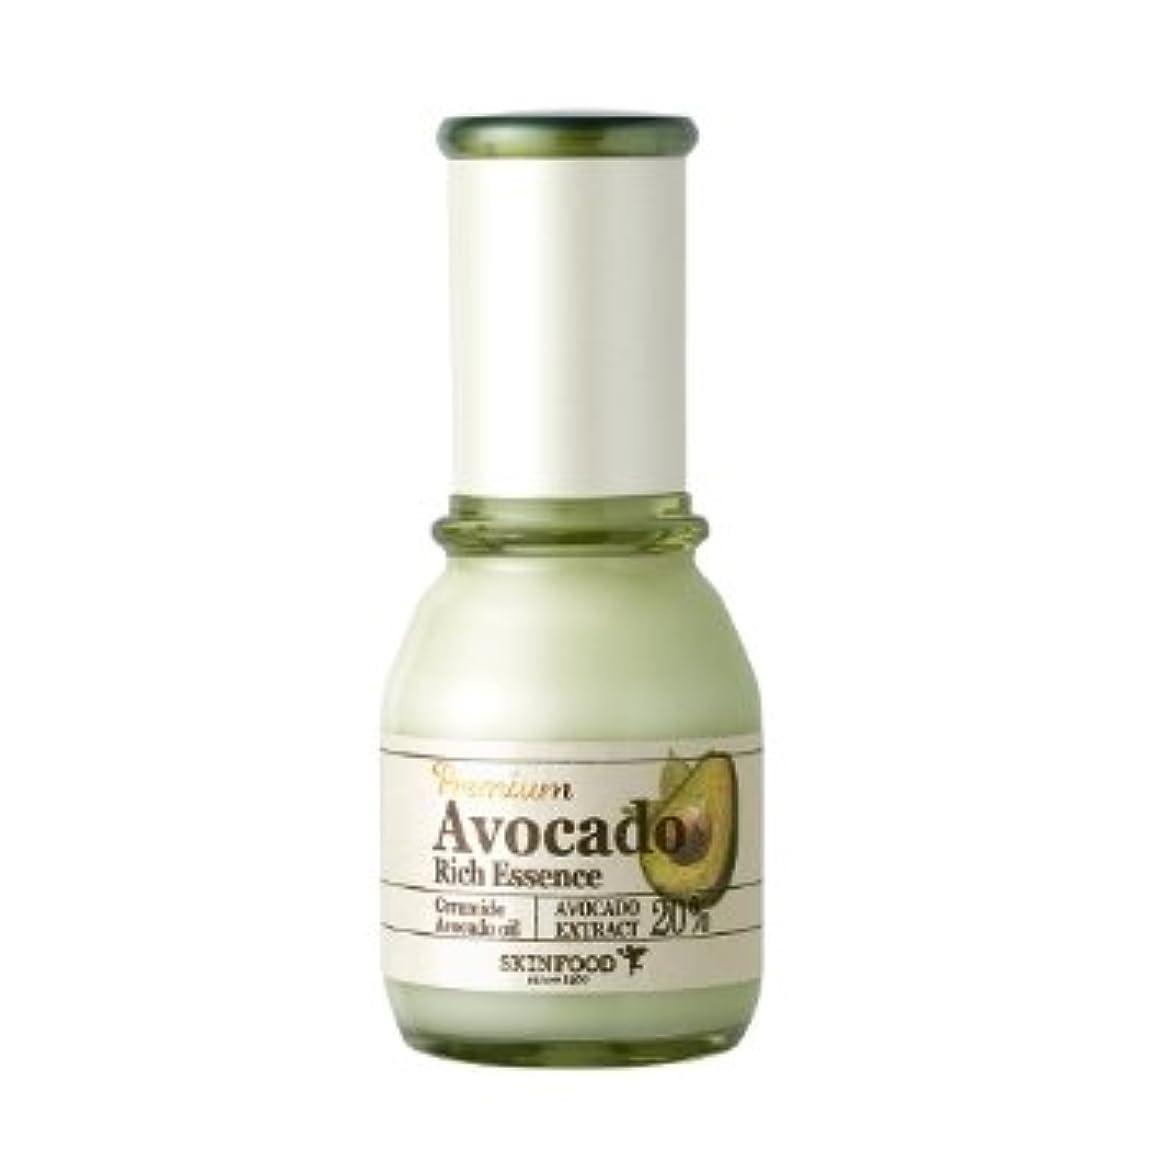 政府本物攻撃スキンフード [Skin Food] プレミアム アボカド リーチ エッセンス 50ml / Premium Avocado Rich Essence 海外直送品